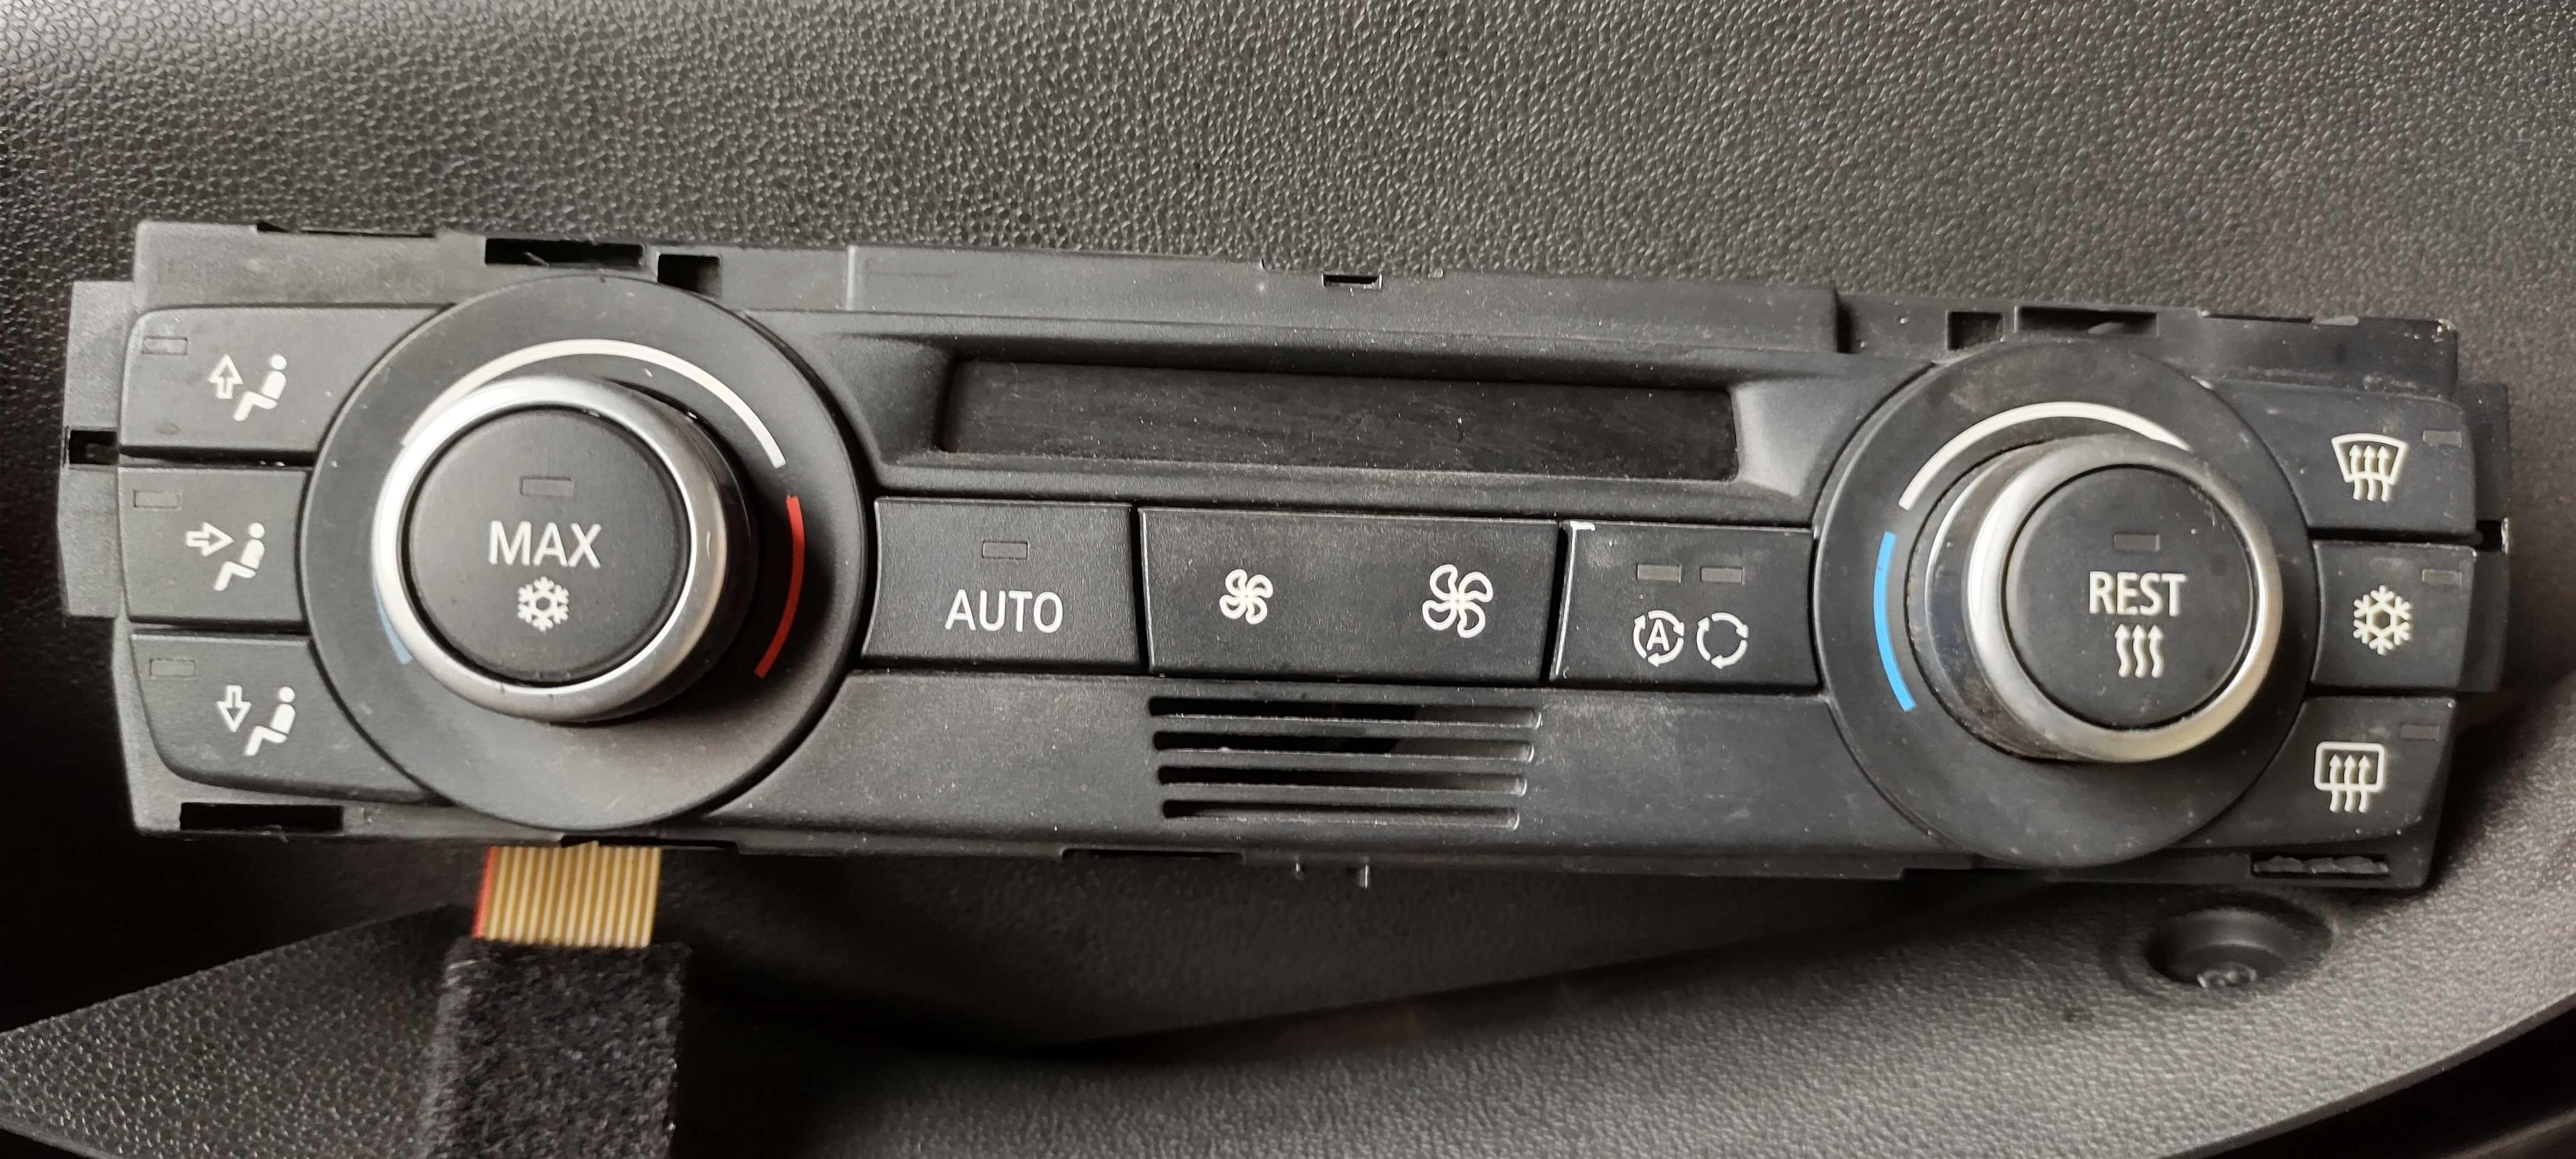 Управление климатроник - /БМВ/BMW/- е81 123d N47D 204кс.